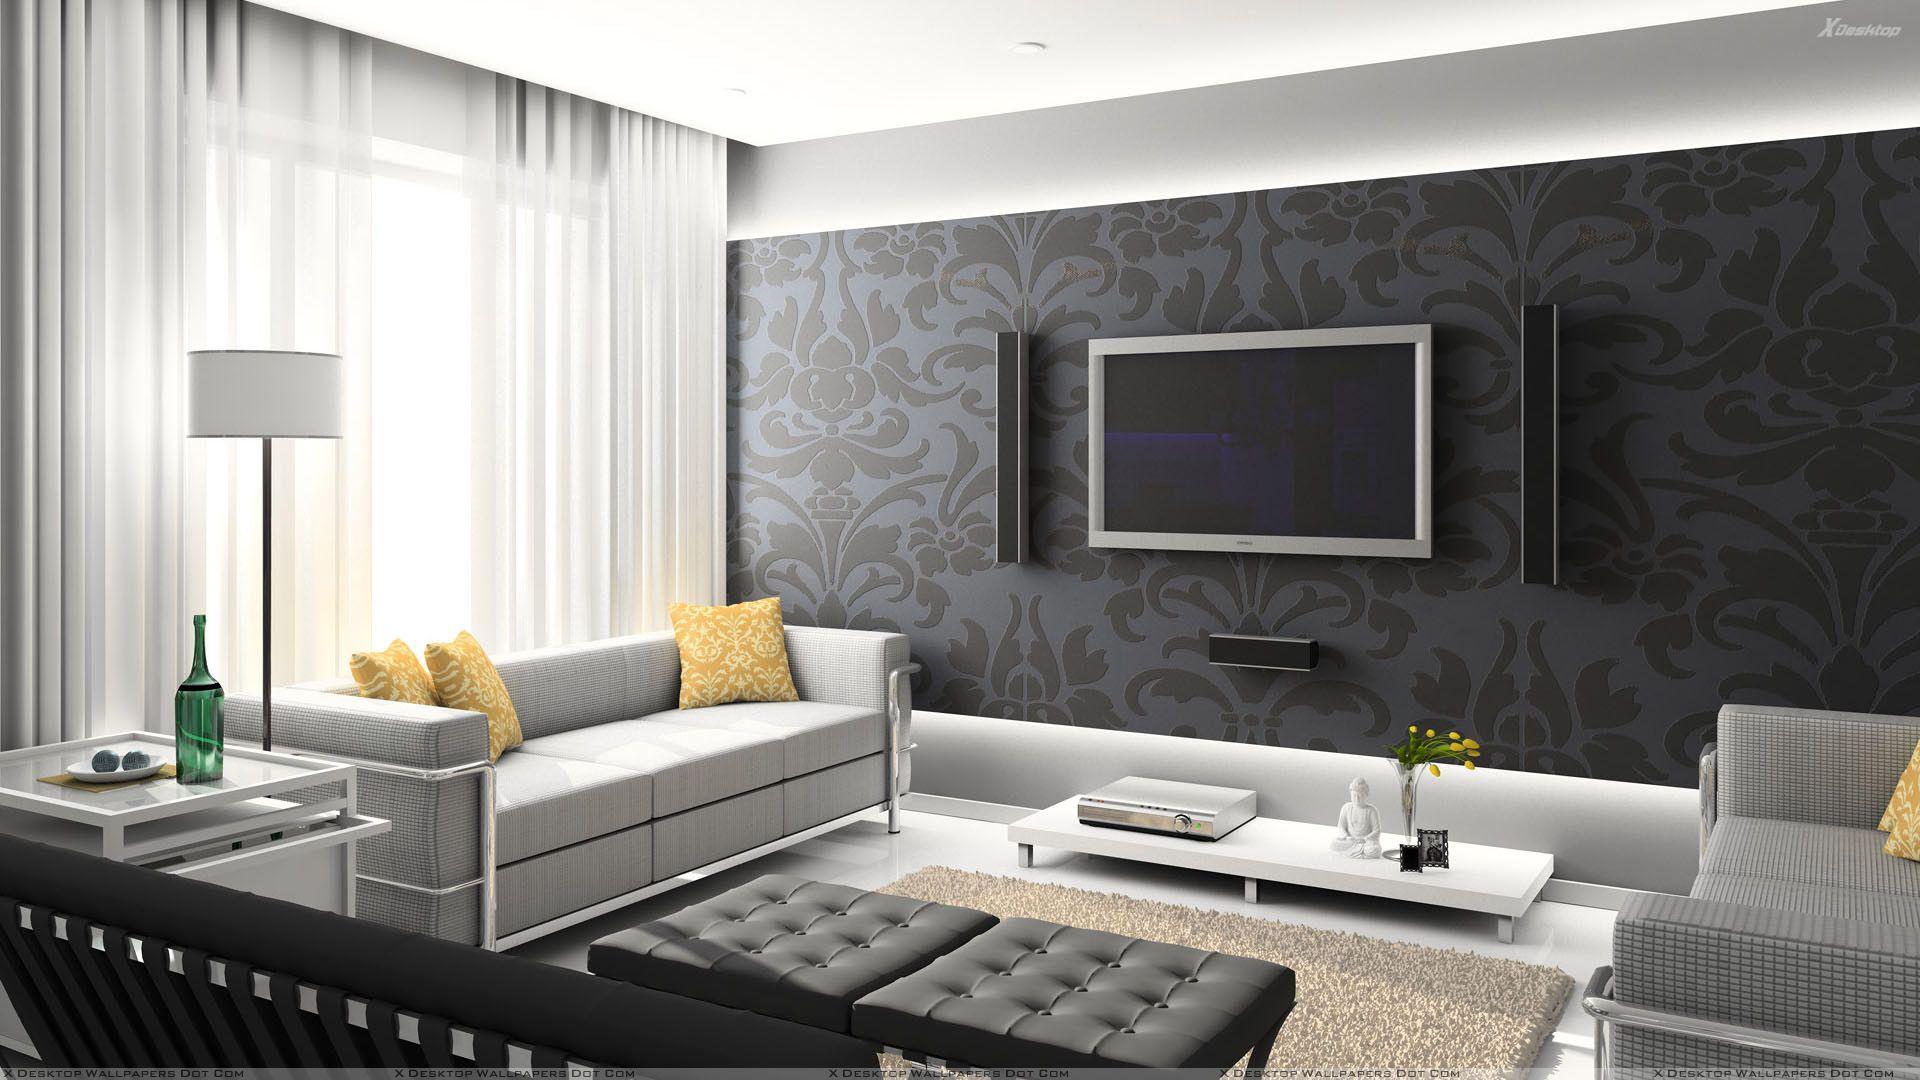 Black Digital Interior Hd Wallpaper Contemporary Living Room